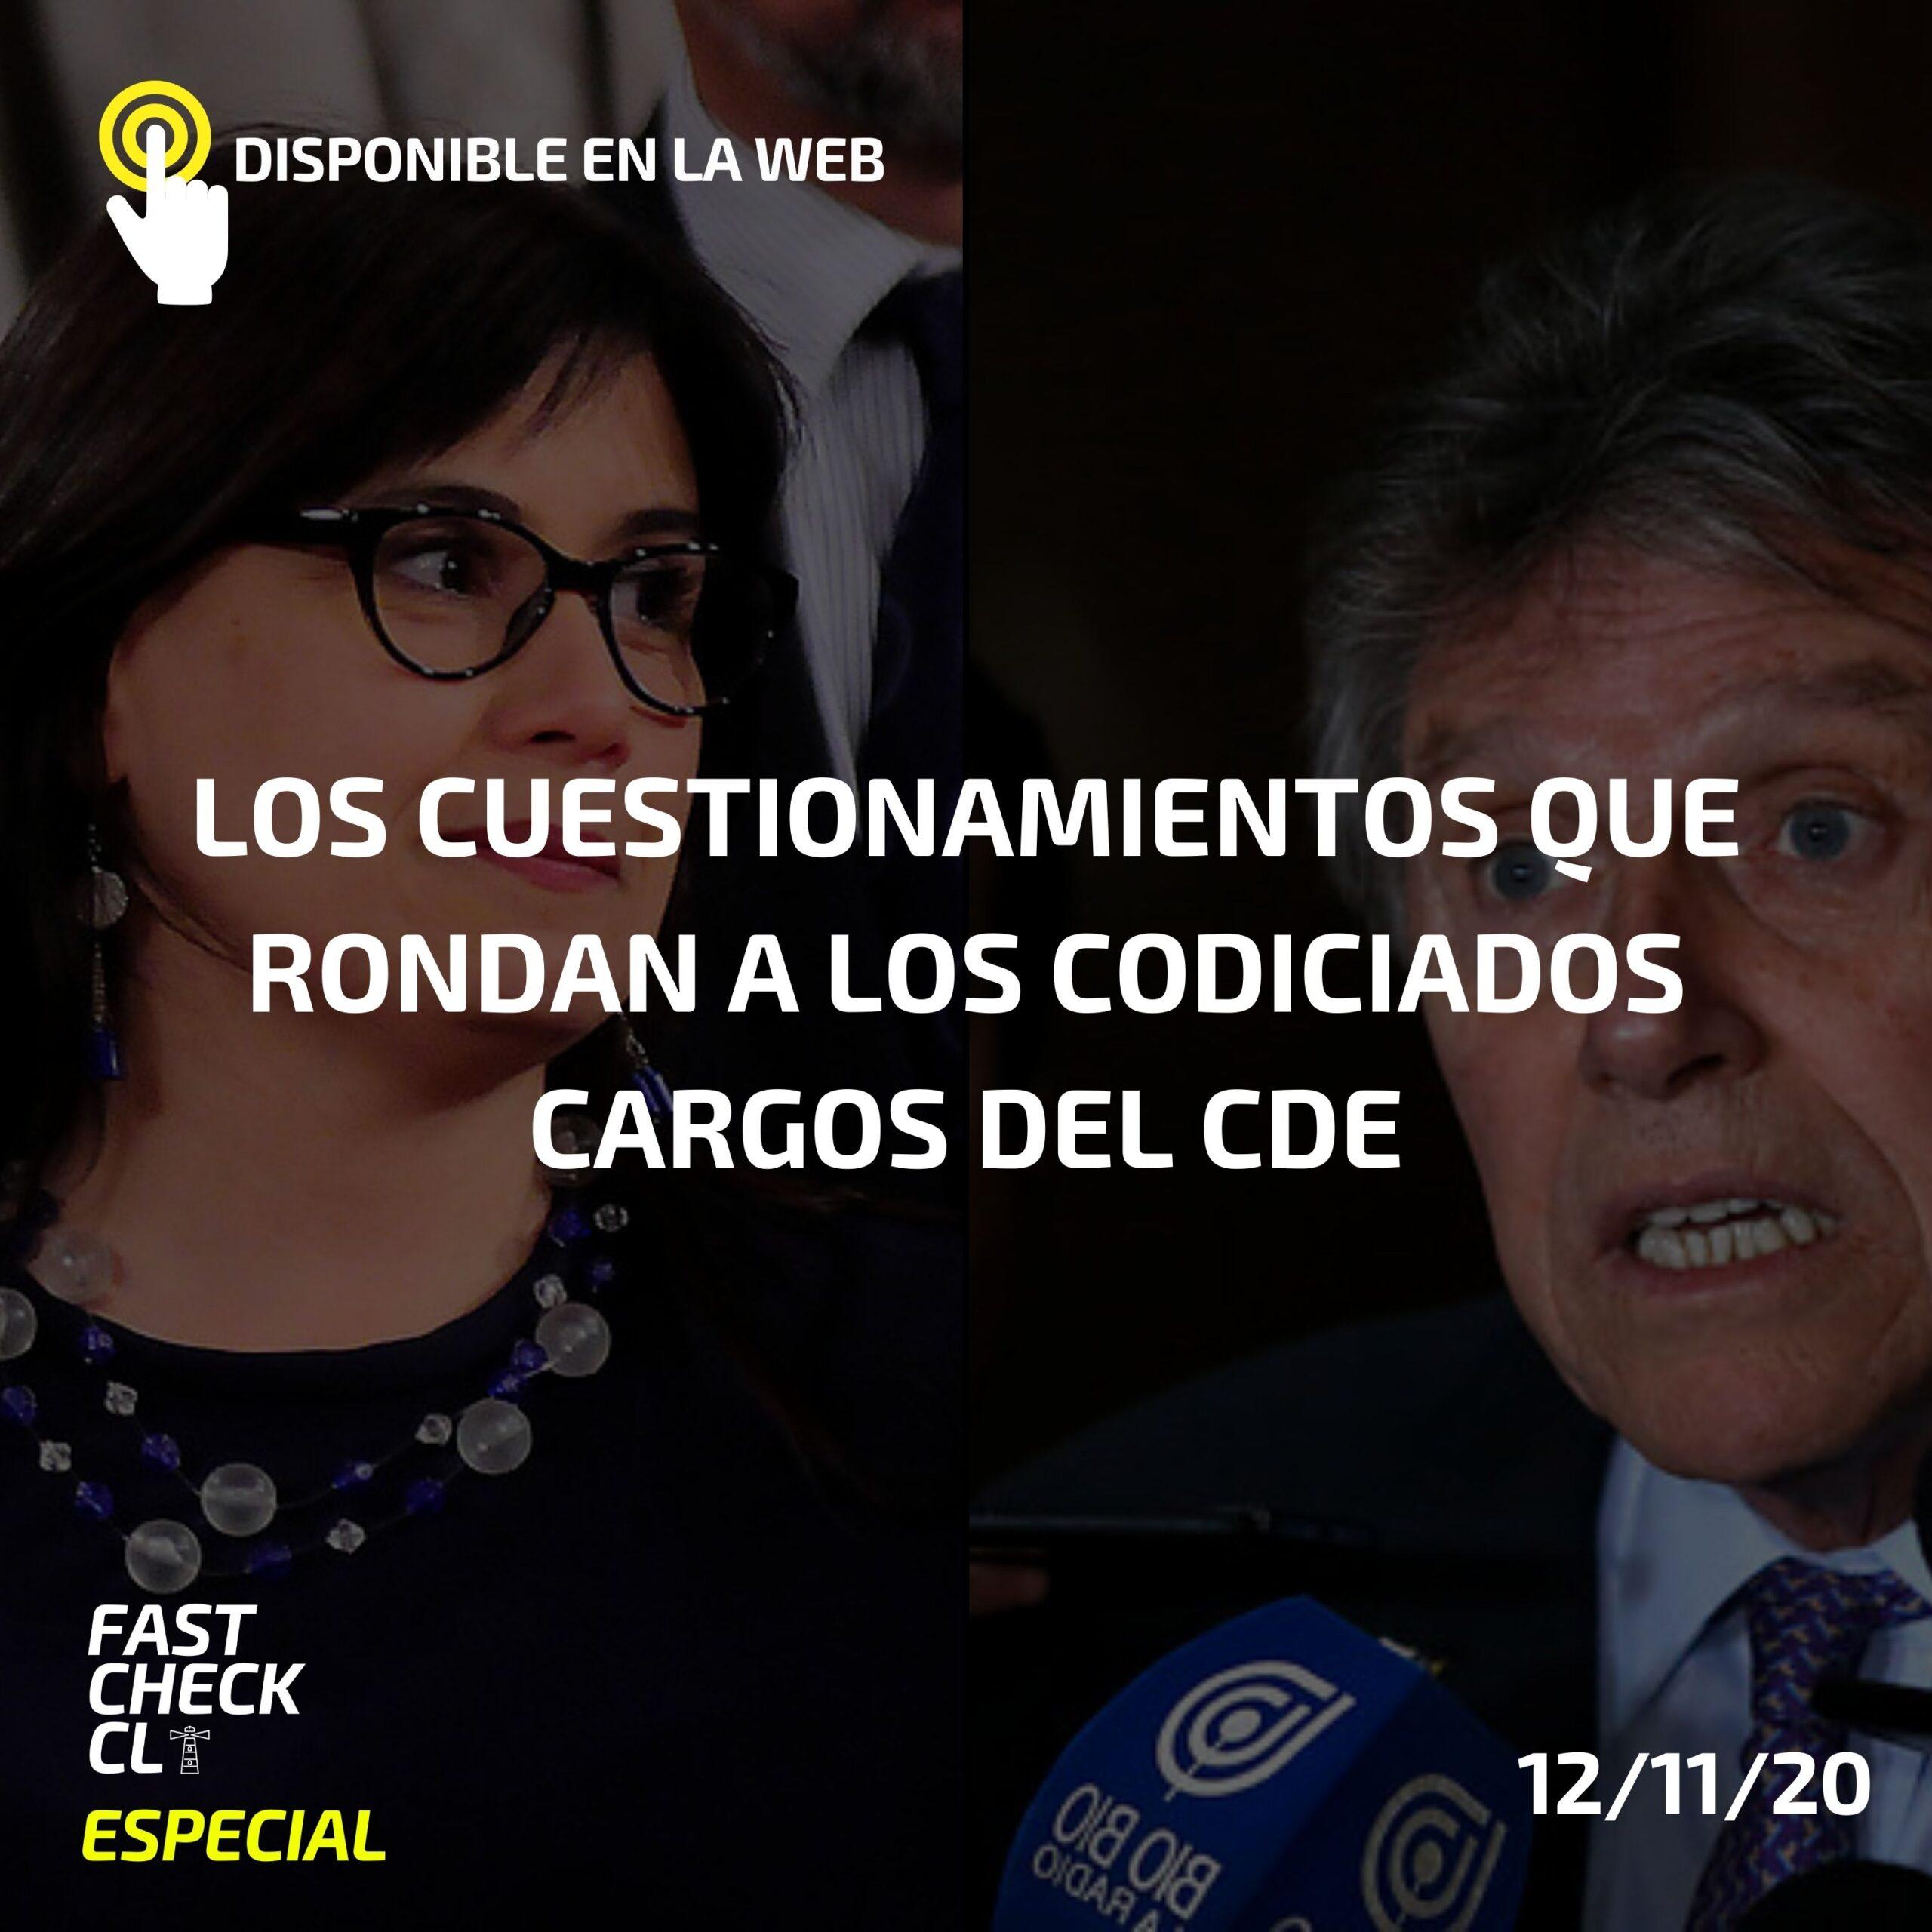 Read more about the article Los cuestionamientos que rondan a los codiciados cargos del cde